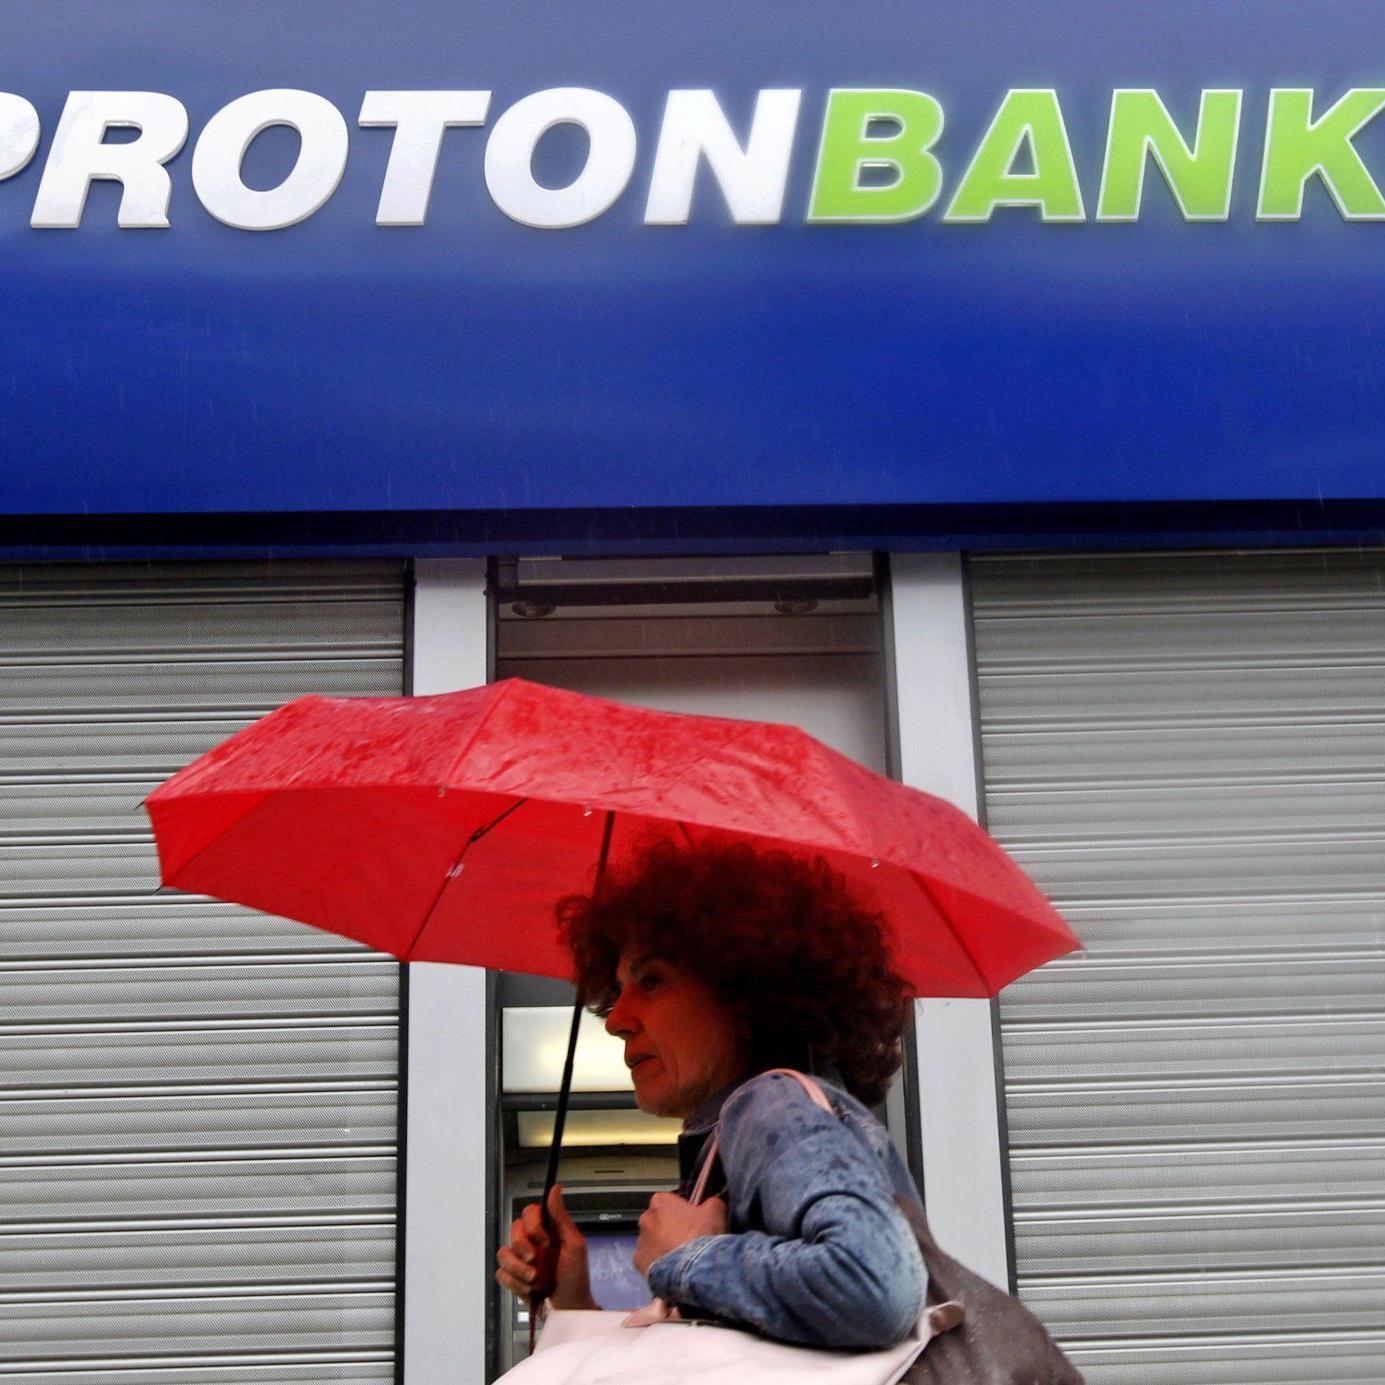 Die griechische Bank soll bis zu 700 Millionen ins Ausland verschoben haben.